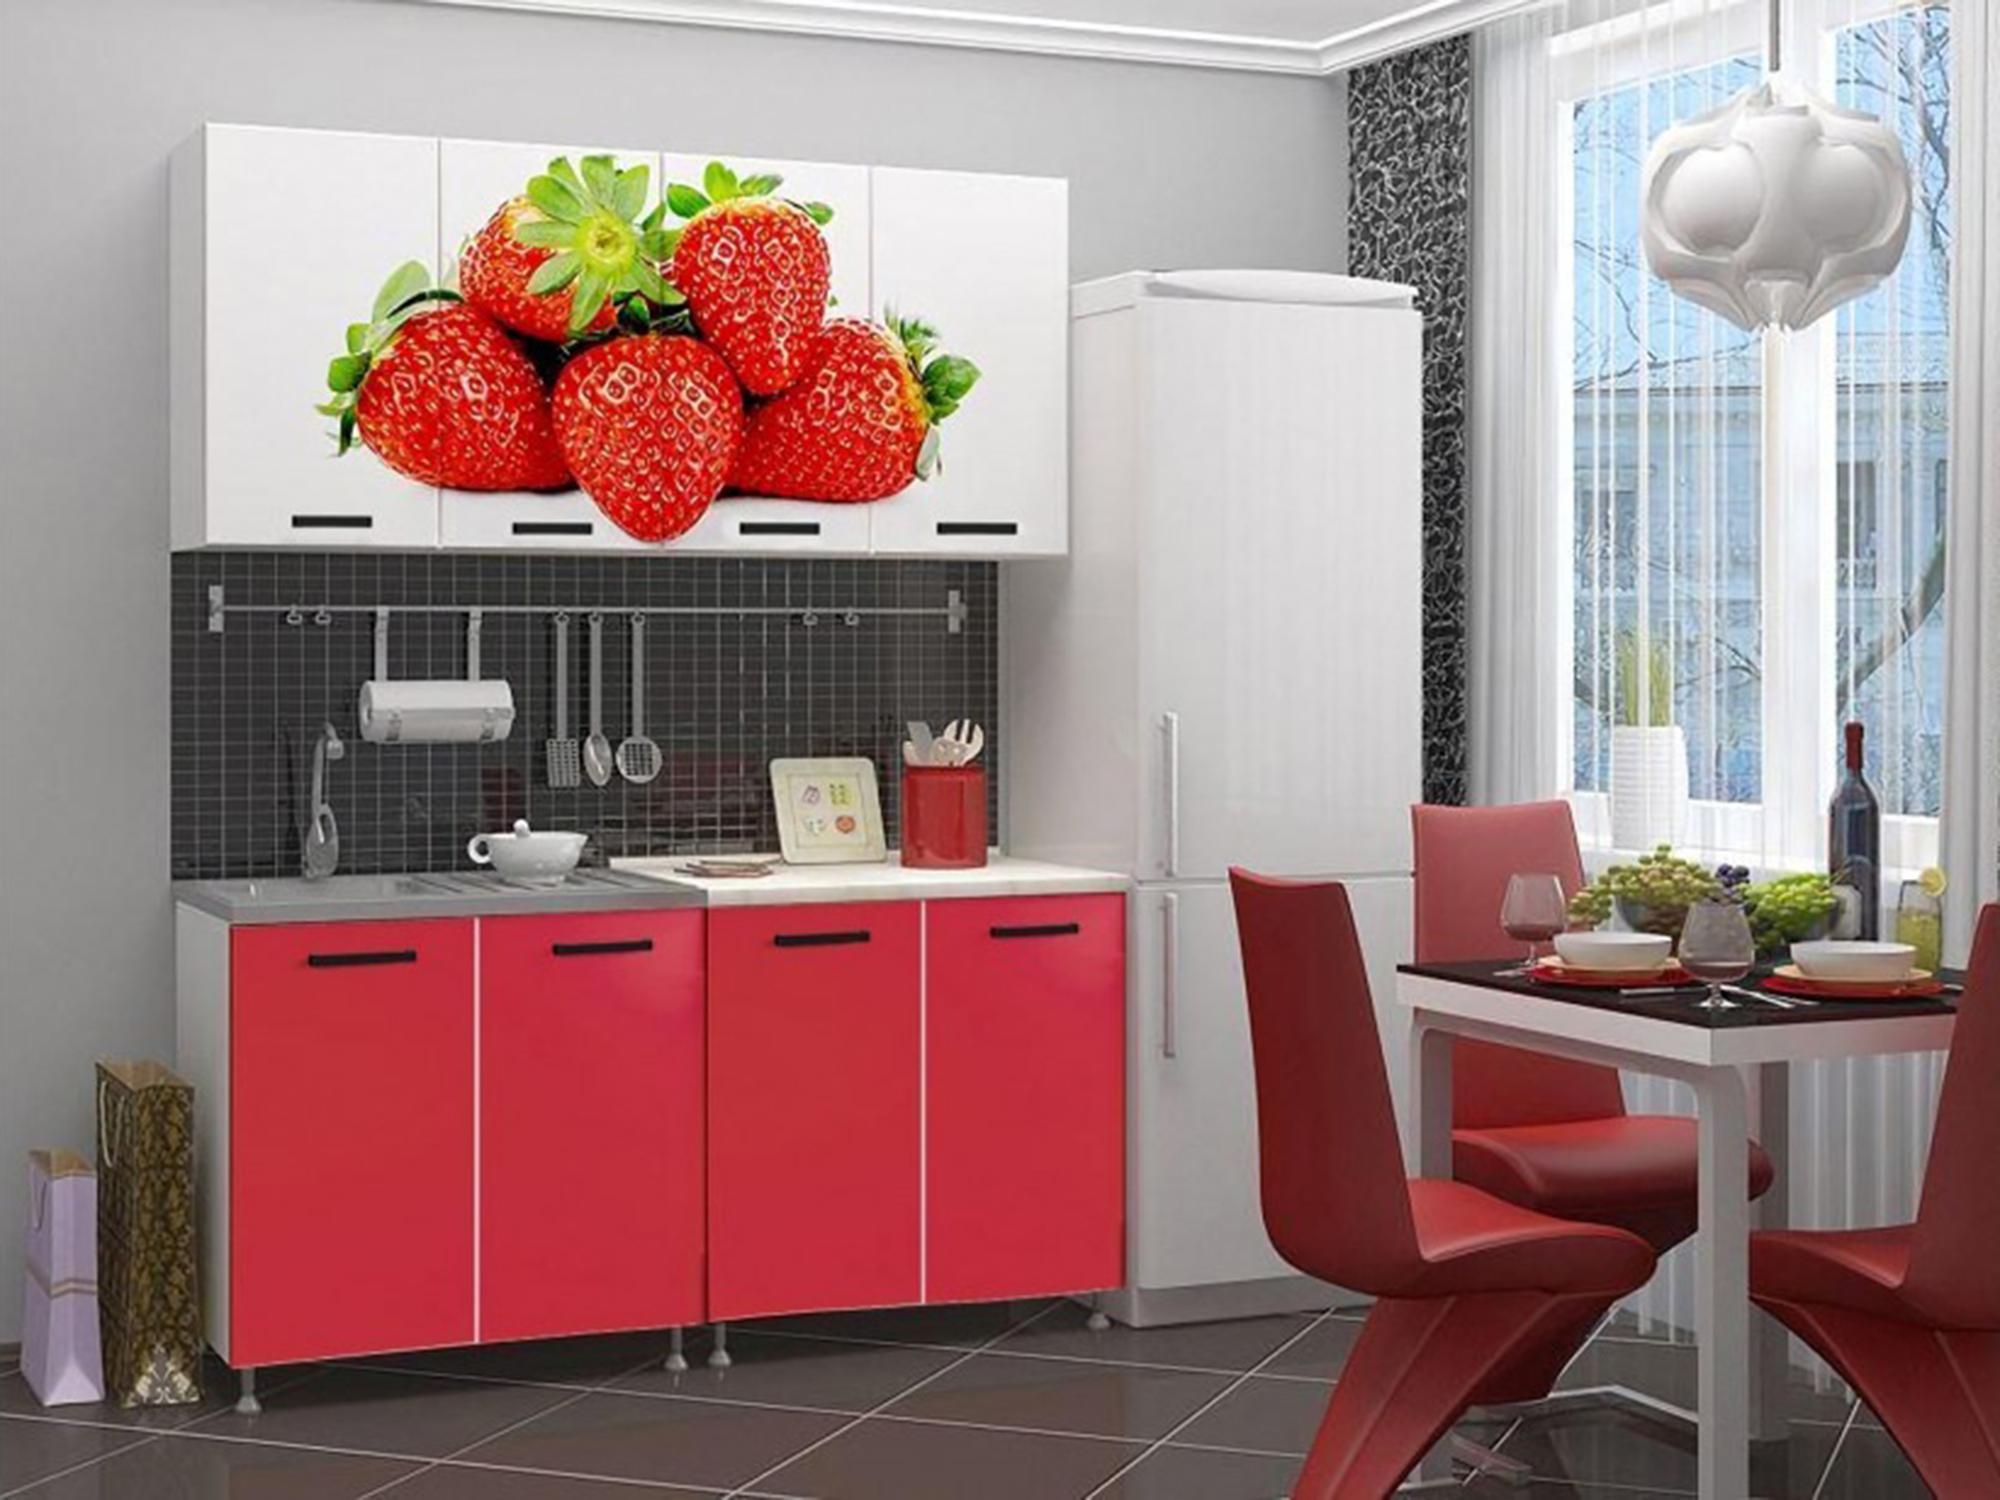 Кухня Рио-1 1600 Красный, , Белый, ЛДСП с фотопечатью, ЛДСП Белый, Красный